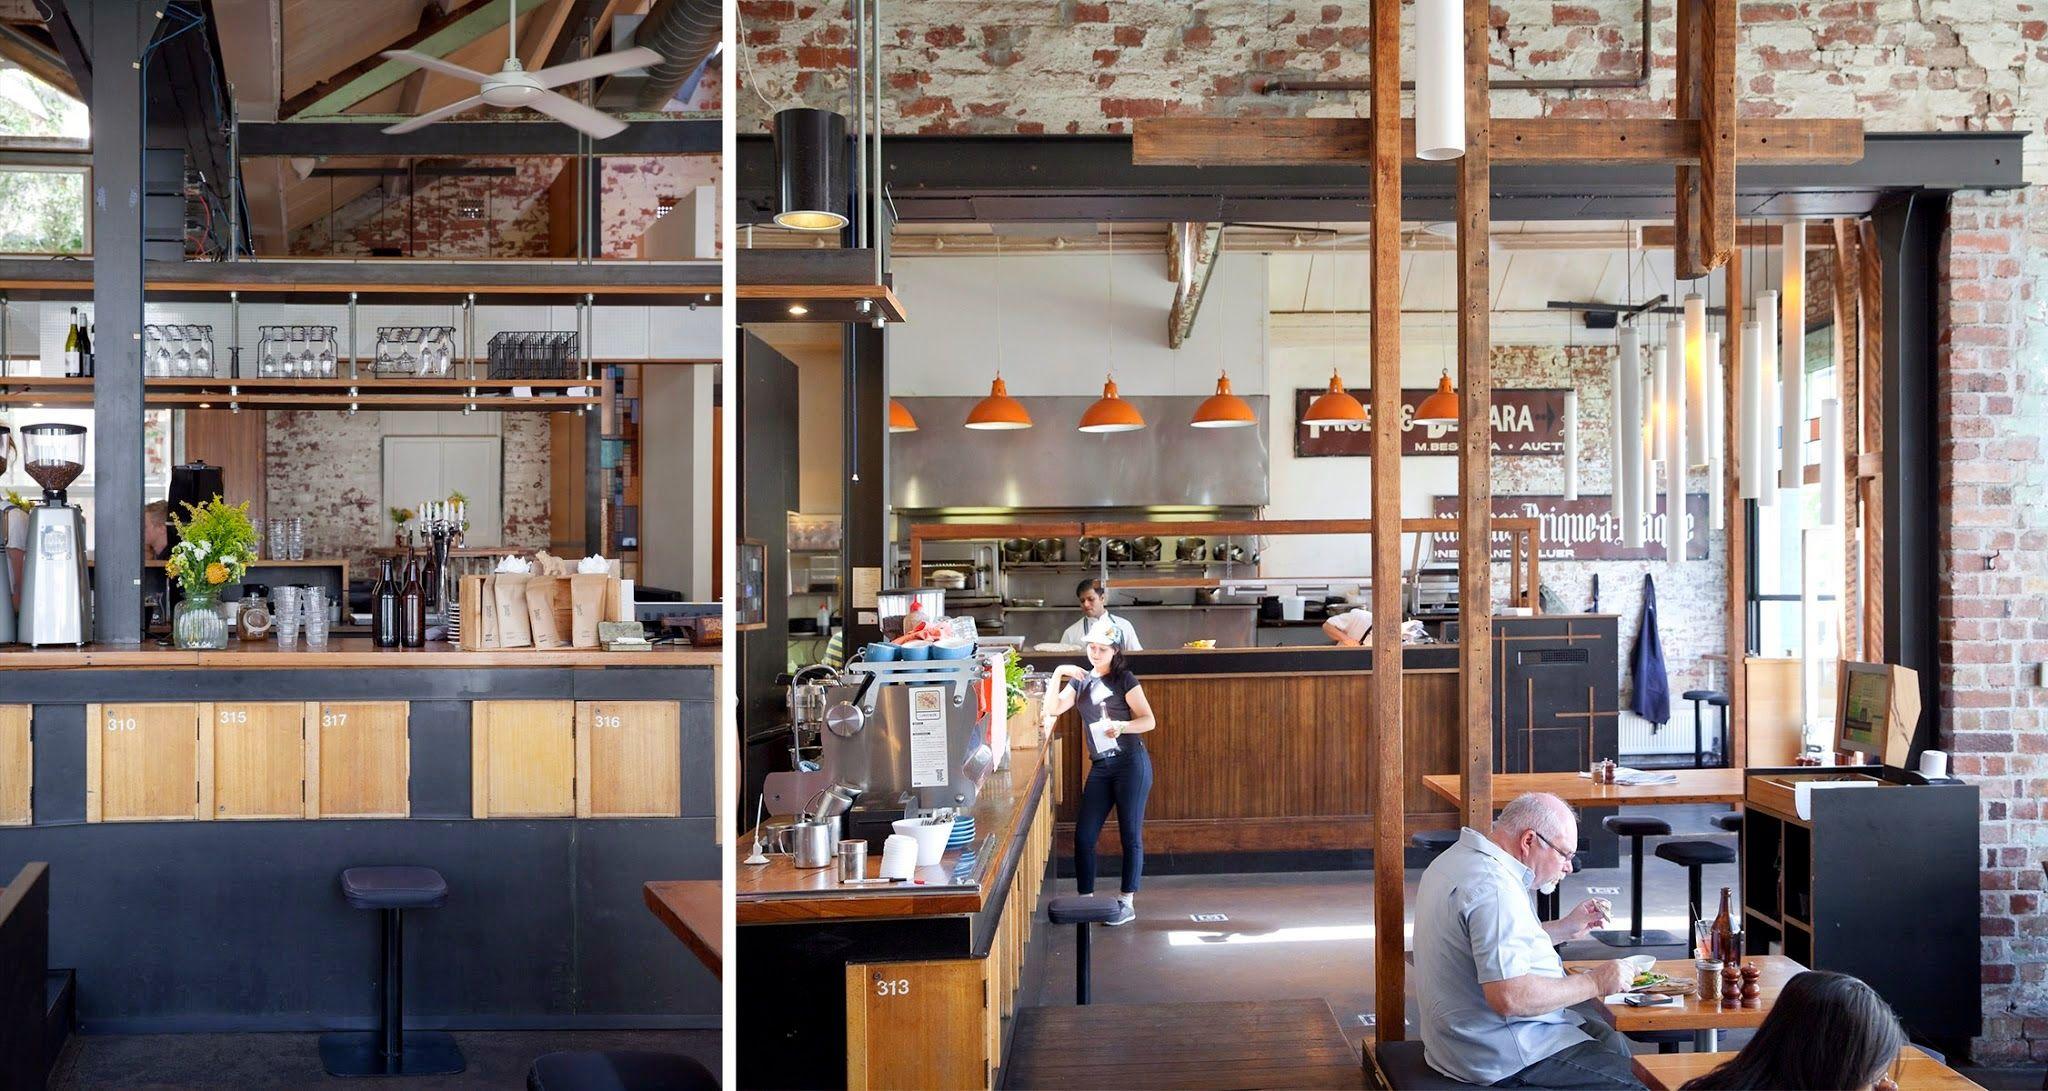 kaper design restaurant hospitality design inspiration 5 rh pinterest com